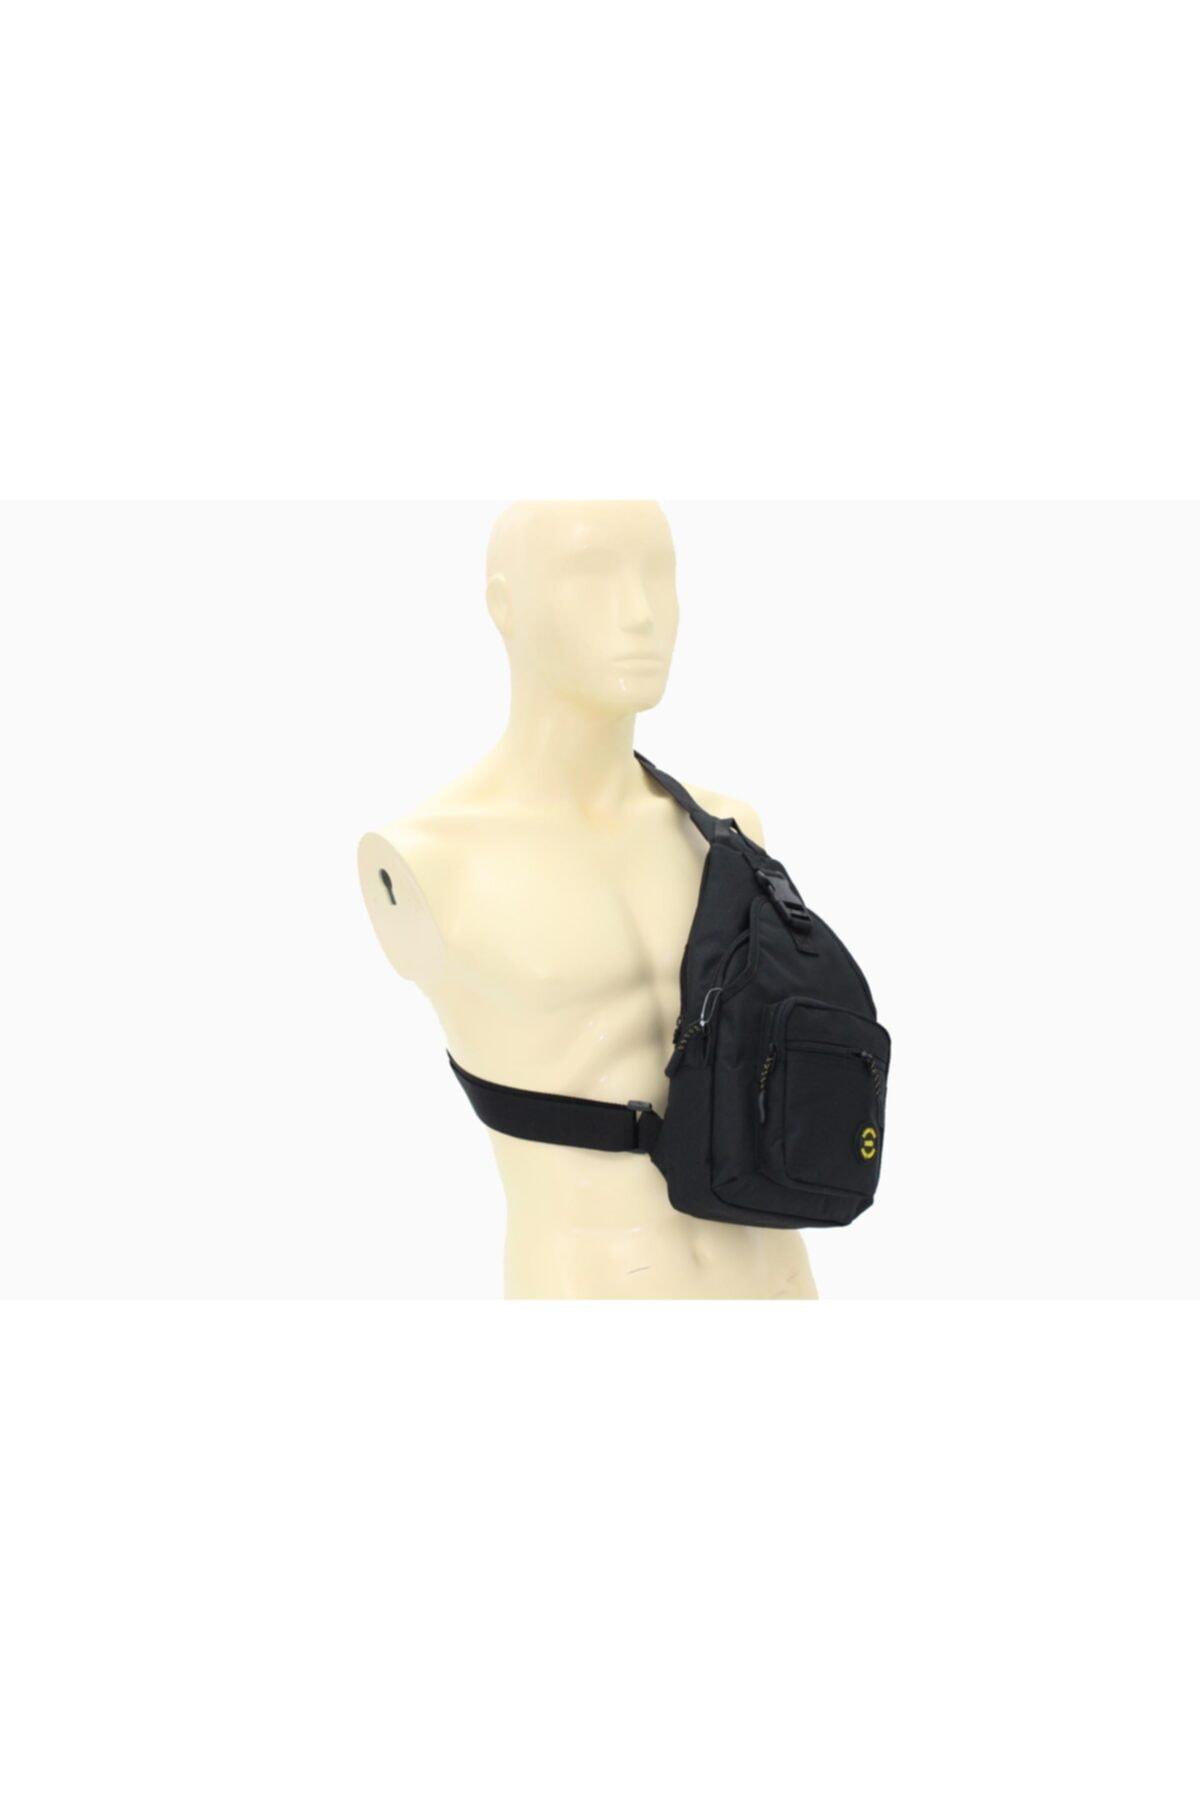 SEVENTEEN 2213 Tek Omuz Askılı Sırt - Göğüs Çantası - Body Bag 1